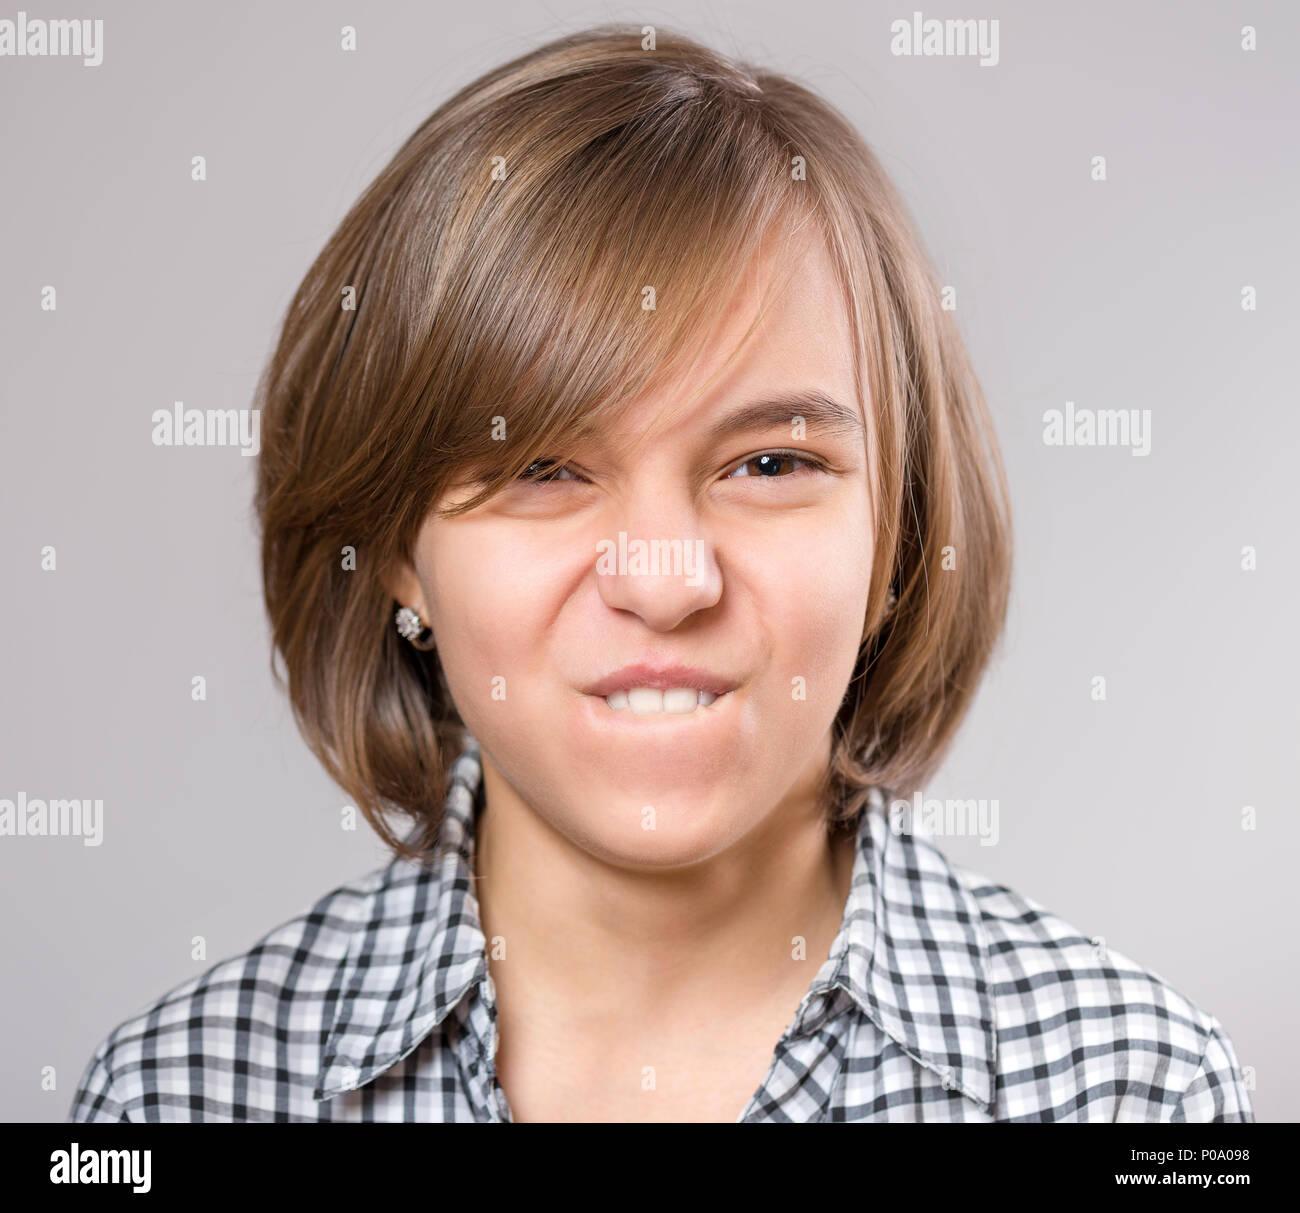 Portrait of little girl - Stock Image